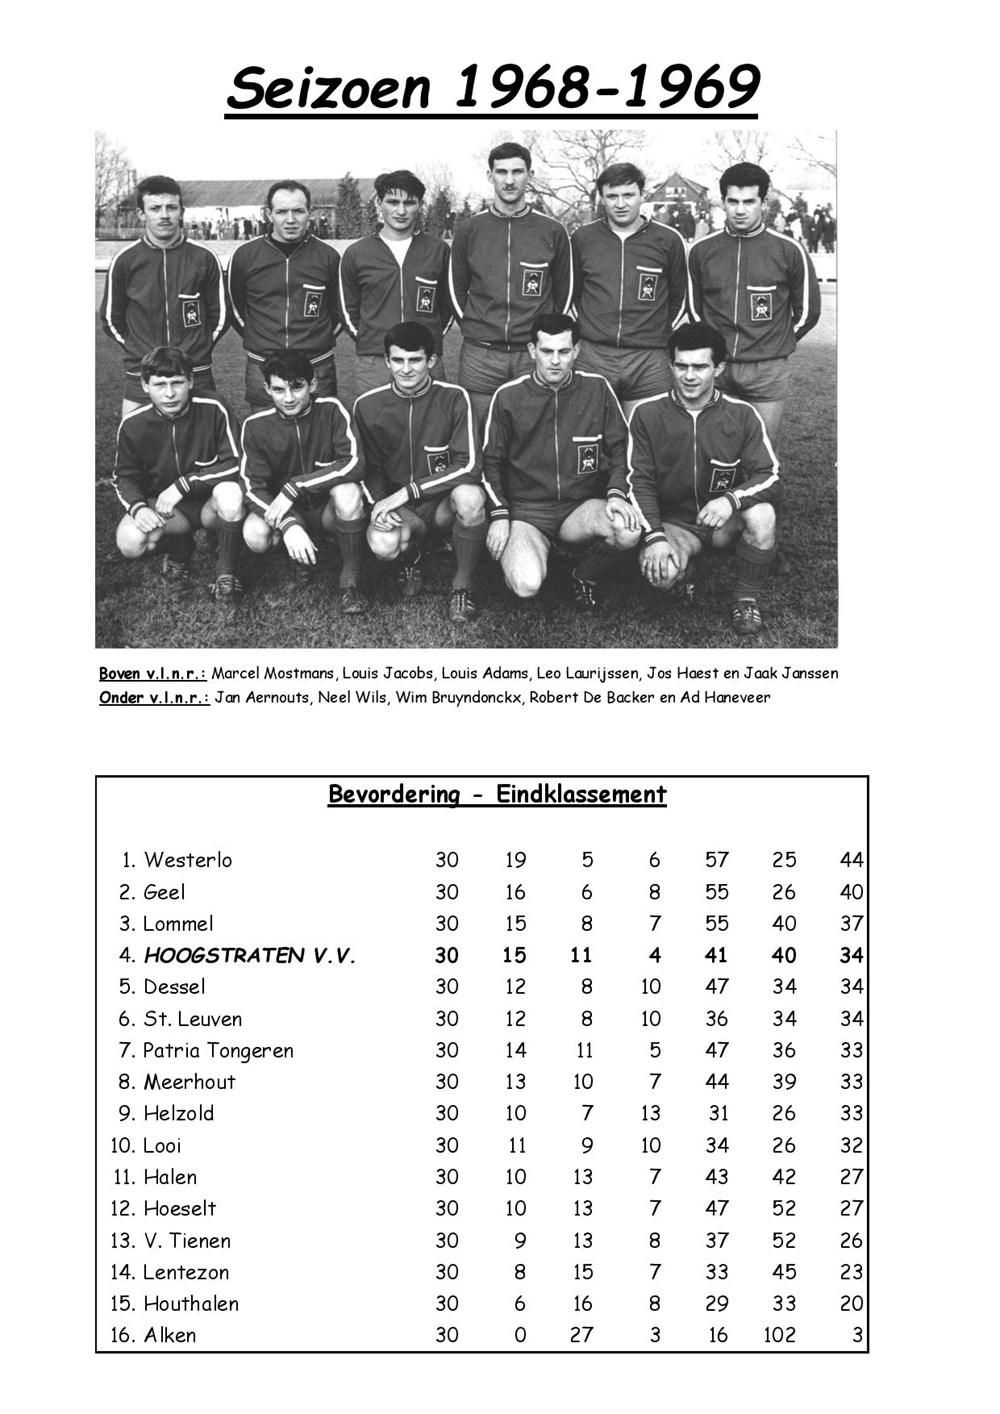 seizoen_1968-1969-page-001.jpg